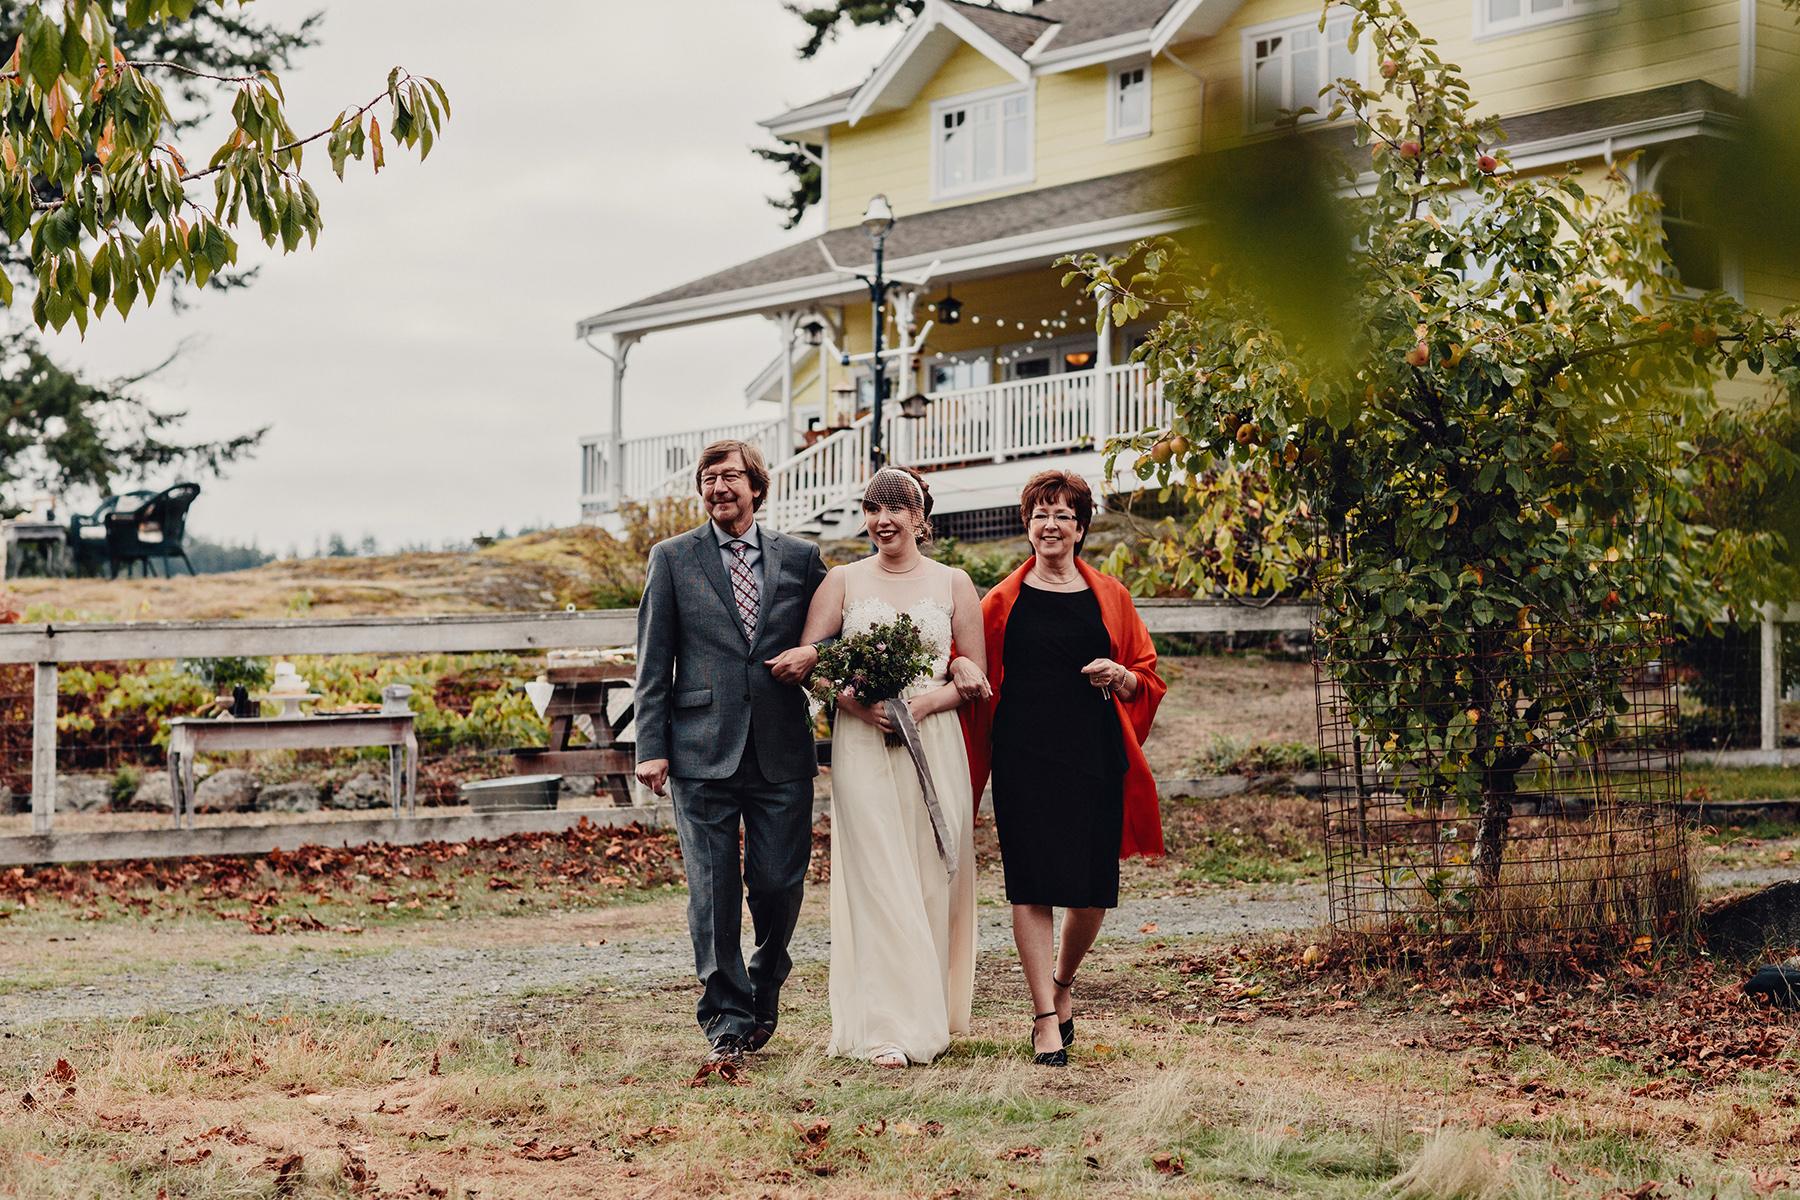 Glenrosa-Farms-Wedding-Photos-0219.jpg